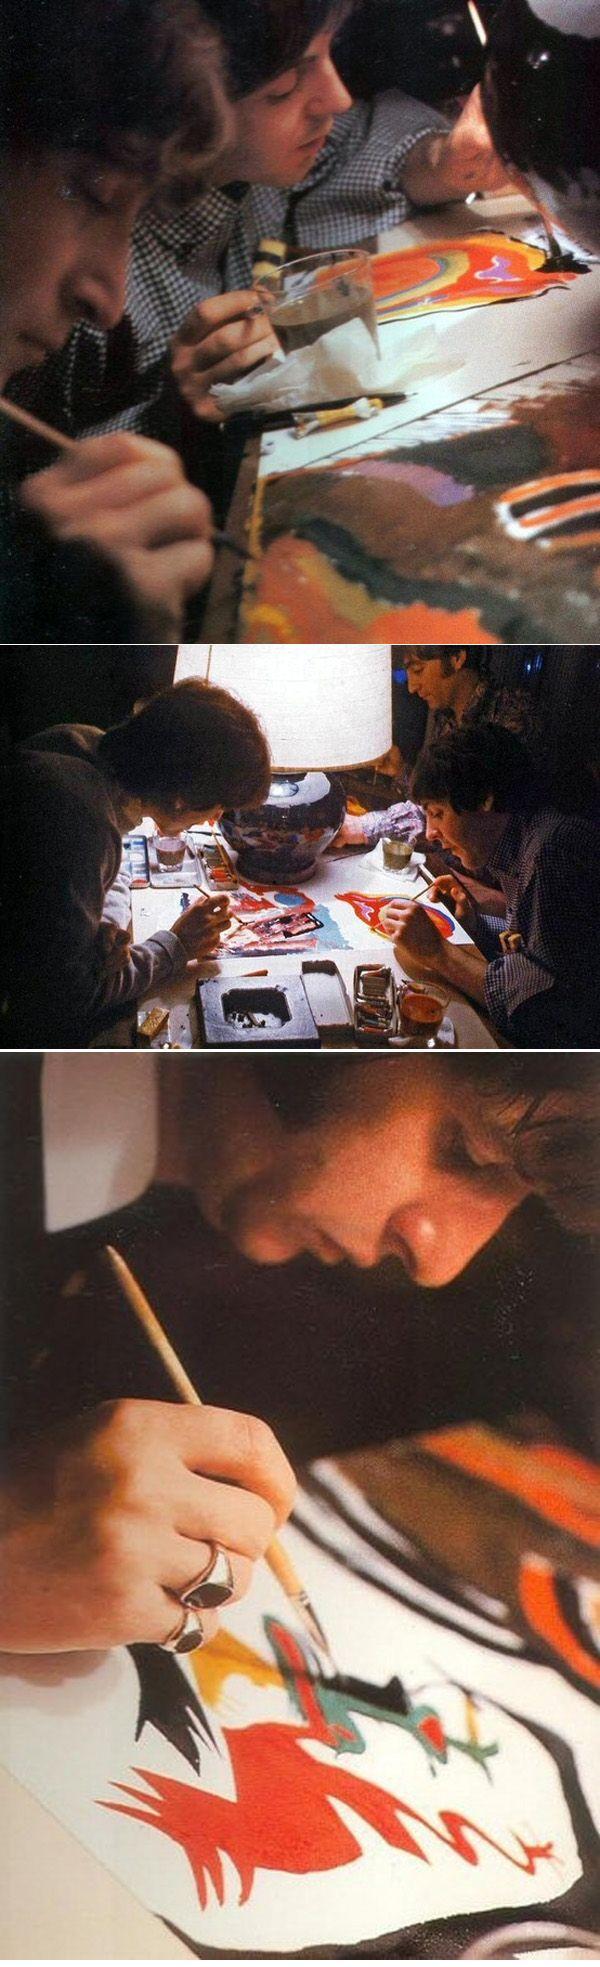 En mi casa/estudio siempre esta llena de amigos artistas dibujando o pintando.   The Beatles, painting together